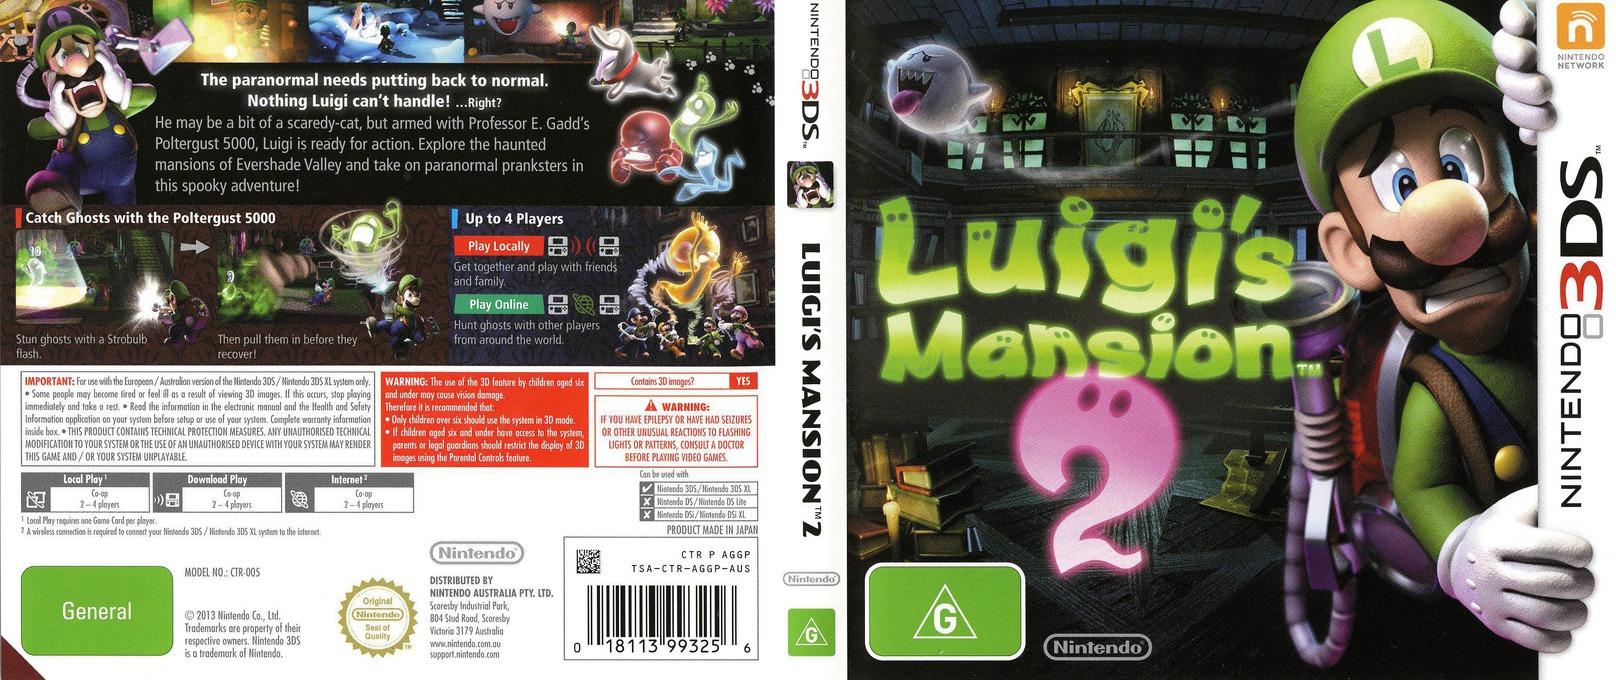 Luigi's Mansion 2 3DS coverfullHQ (AGGP)